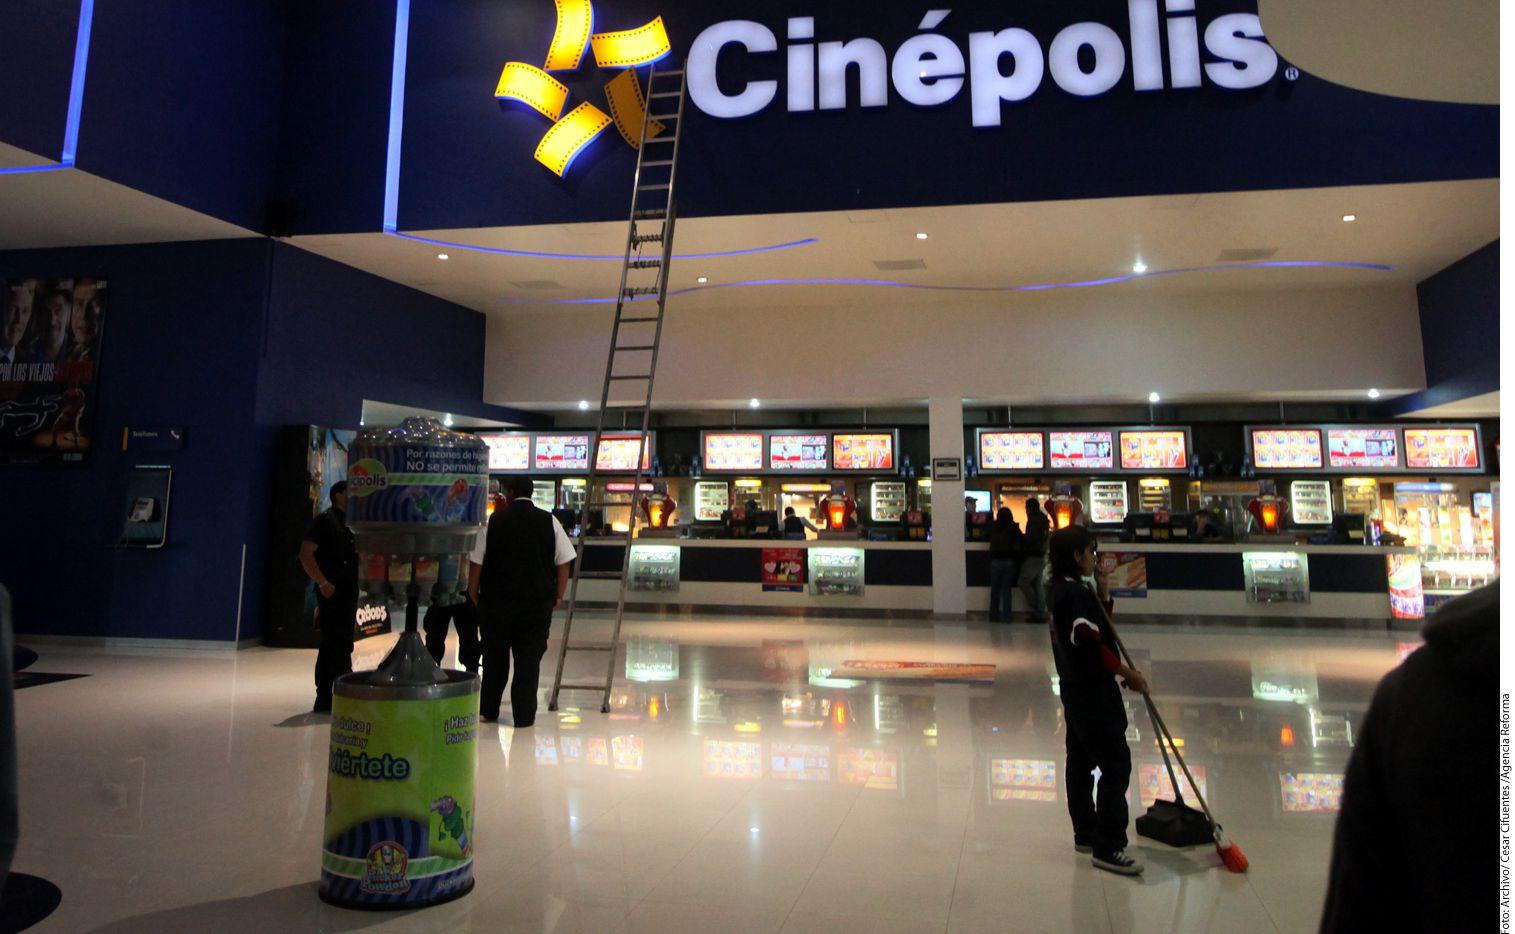 La cadena de cines Cinépolis de México planea abrir 191 salas en Guatemala, Honduras, Costa Rica, El Salvador, Panamá, Colombia, Perú, India, Brasil, Estados Unidos, Chile y España, según Agencia Reforma.